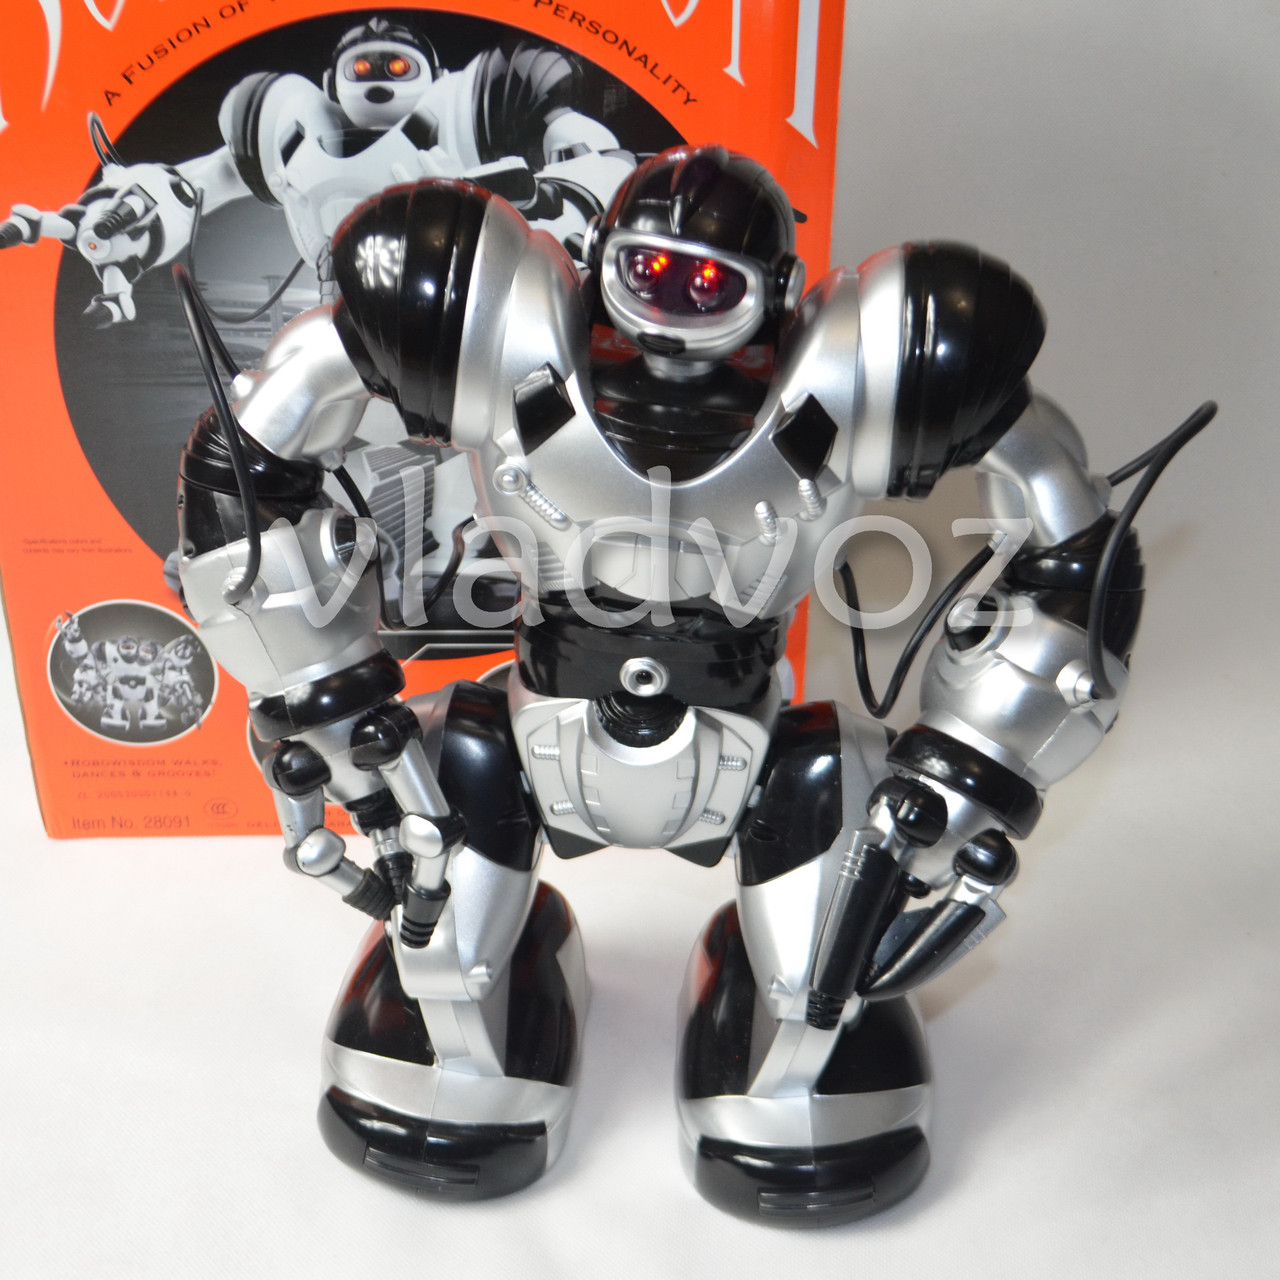 Робот на пульте управления радиоуправляемая игрушка Robowisdom серебристый